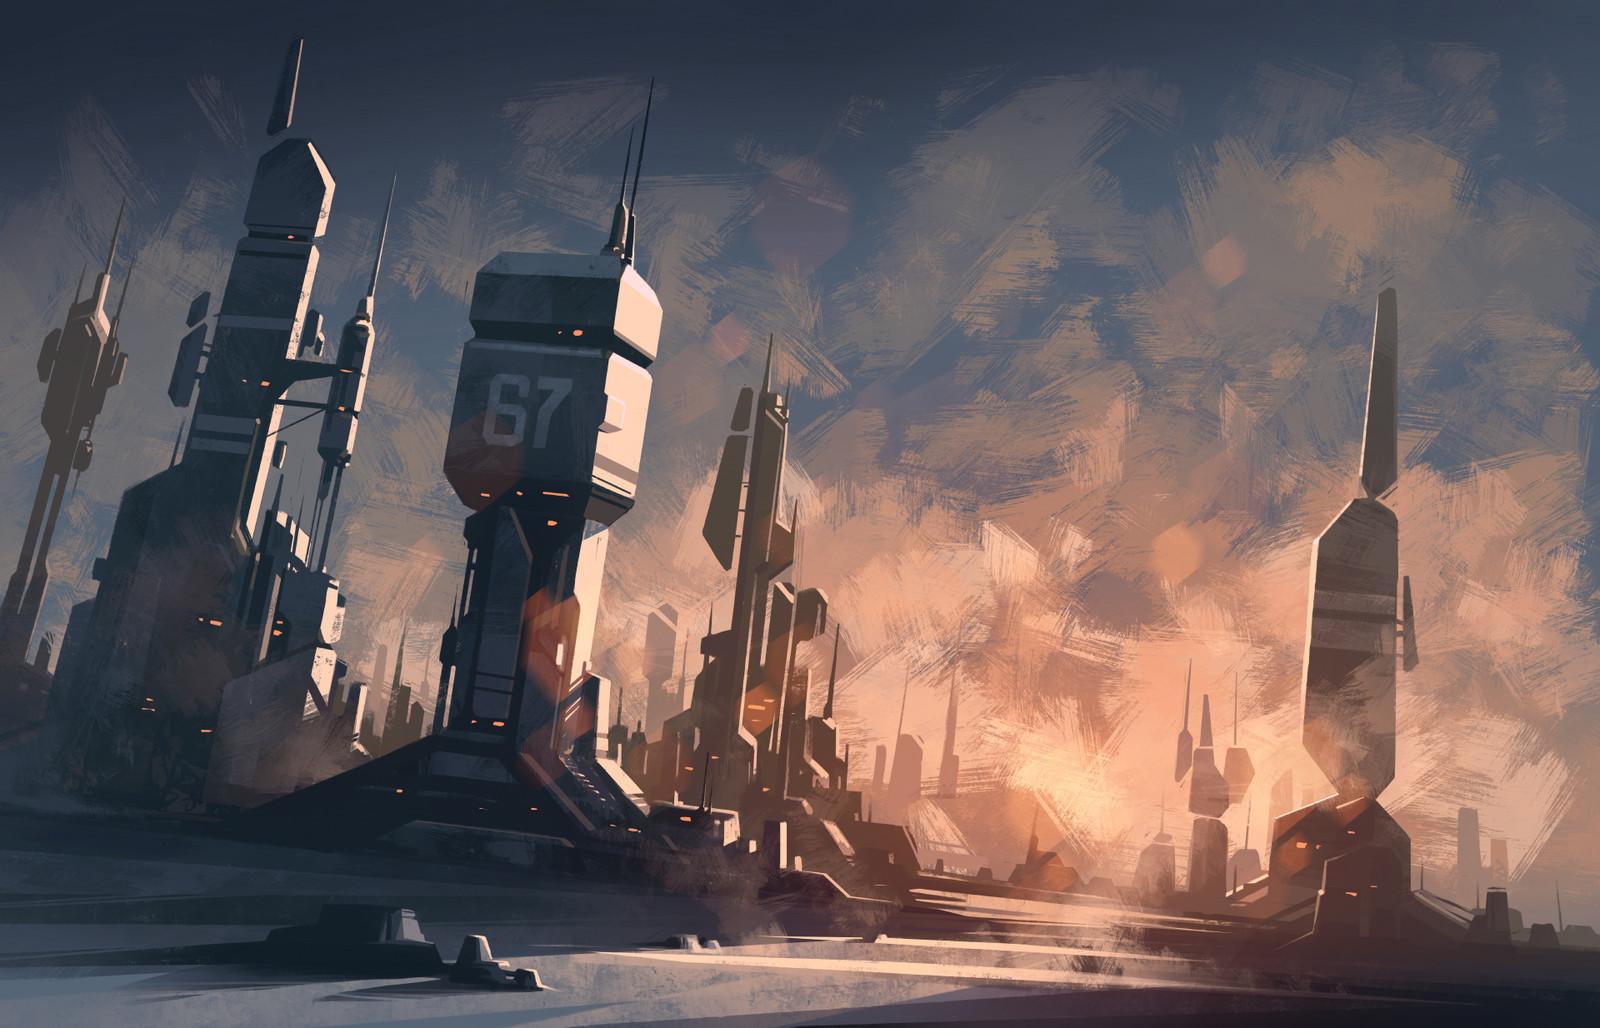 Sci-Fi Industrial Landscape